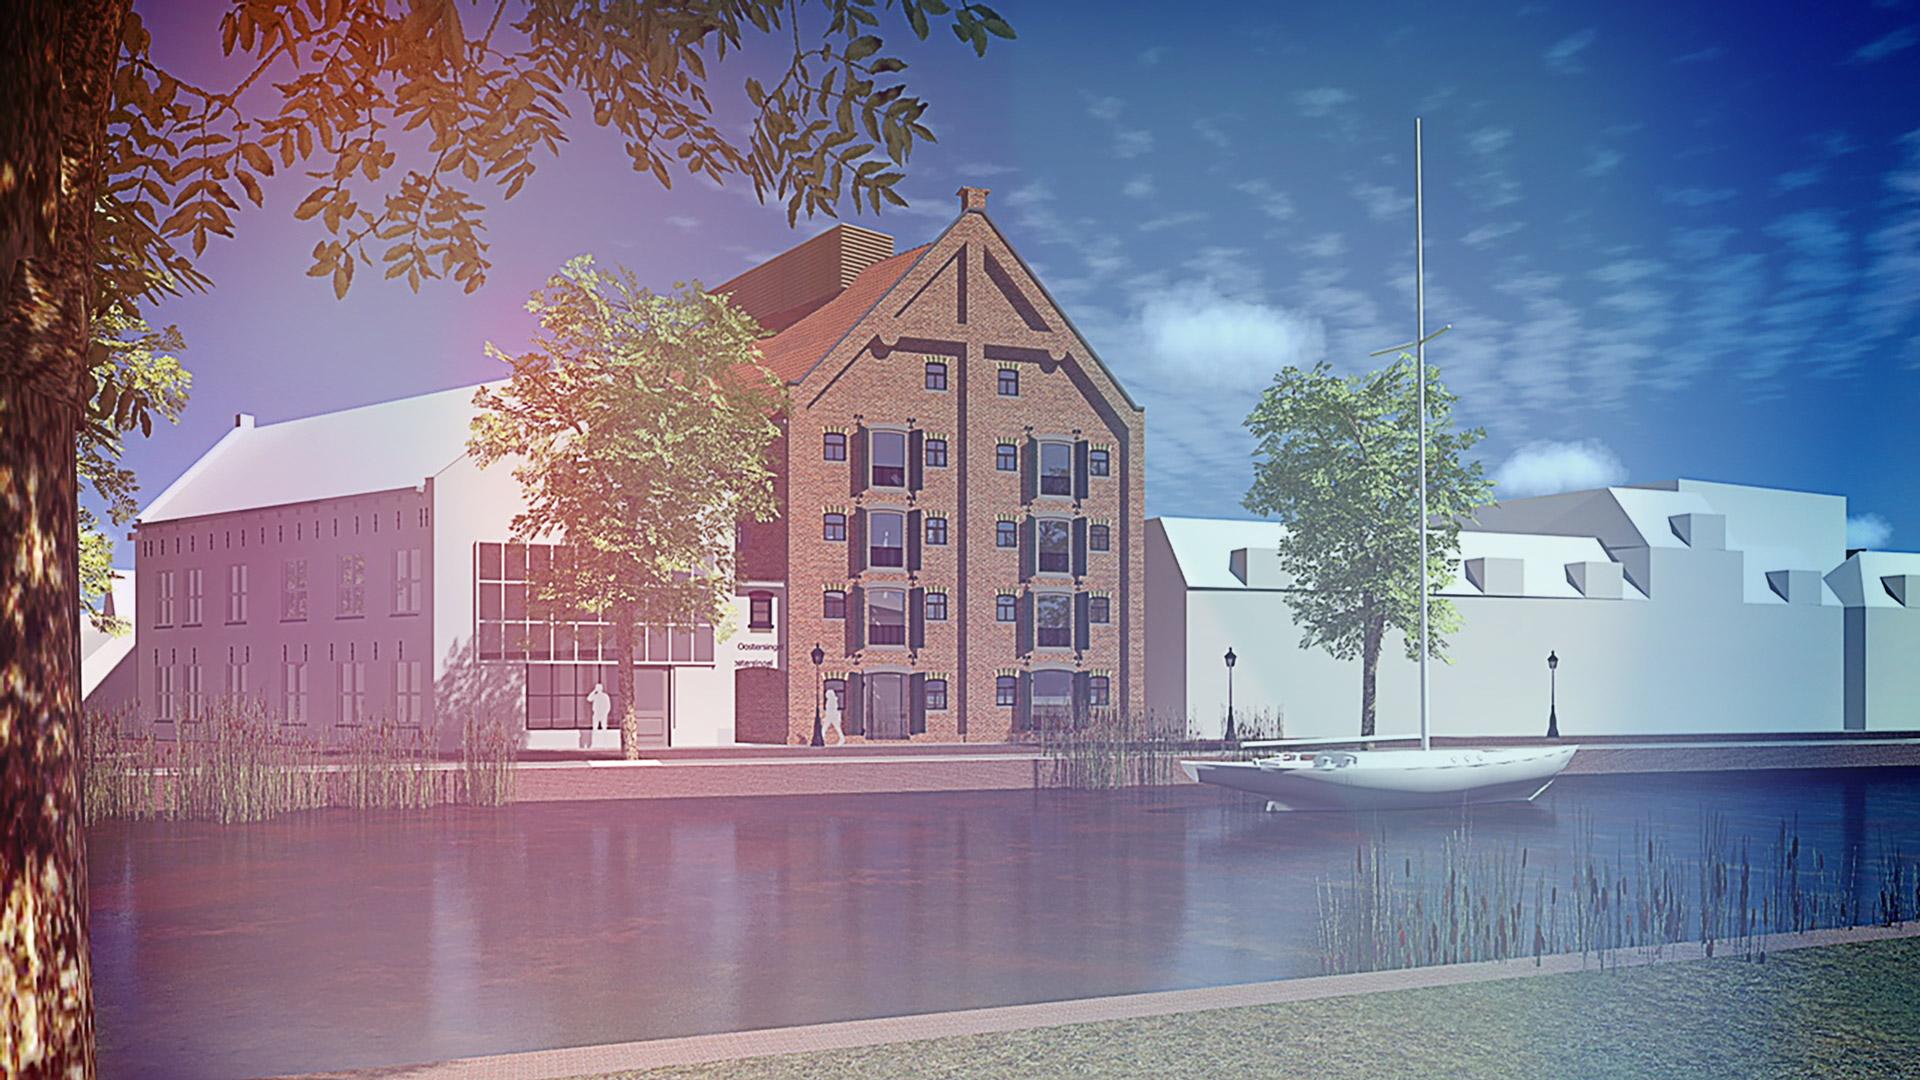 Solid Finance financiert de aankoop en transformatie van monumentaal pakhuis Burmania in Leeuwarden tot appartementencomplex